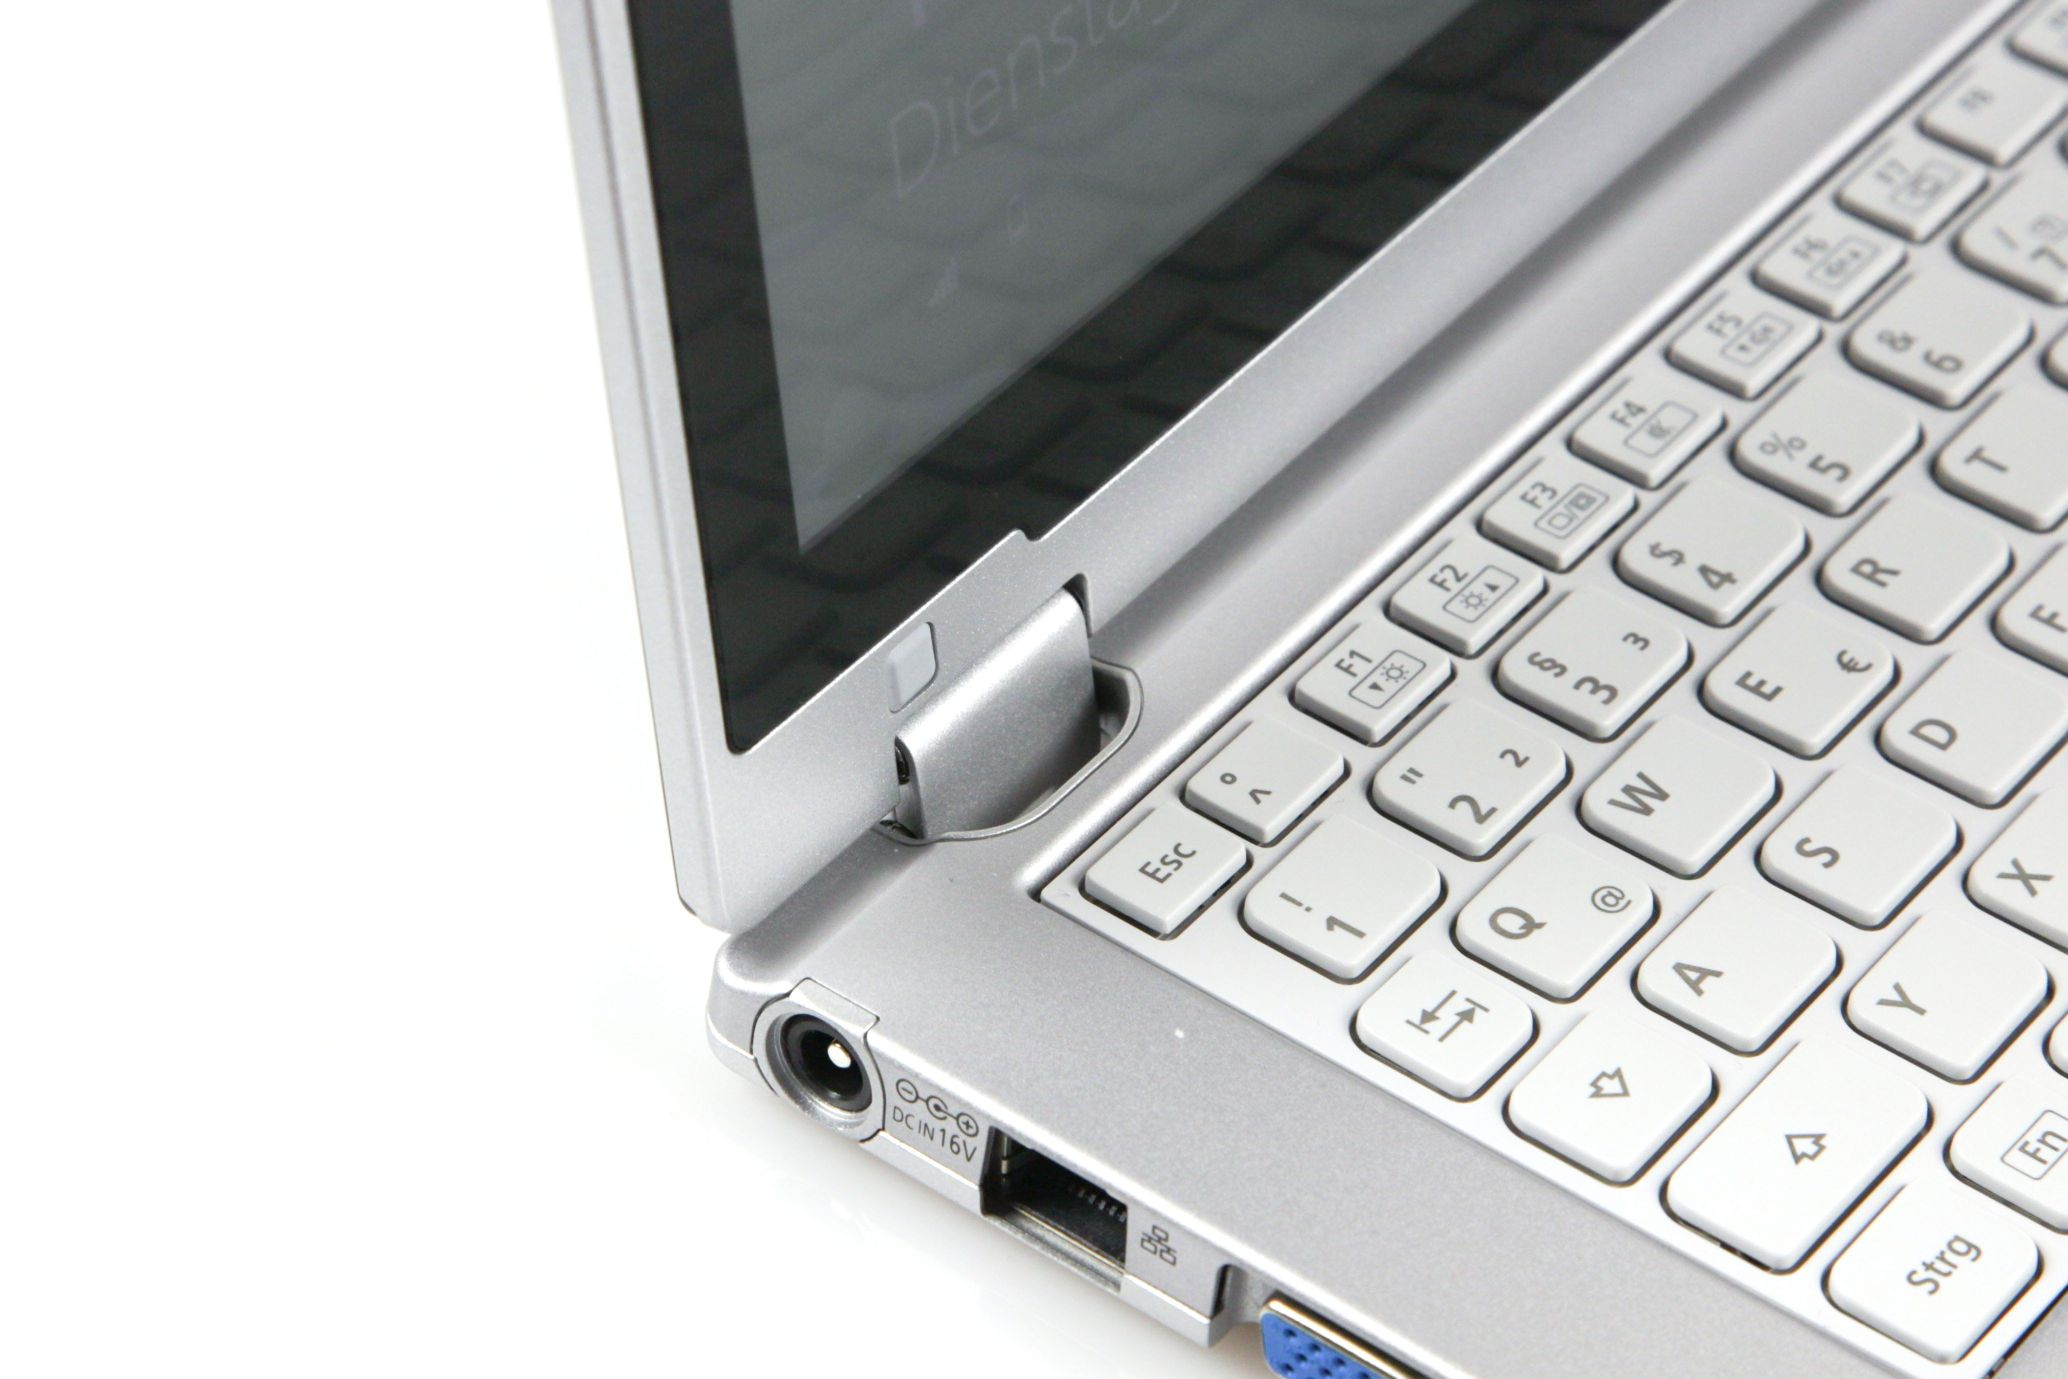 CF-AX2 im Test: Dünnes Toughbook mit Notfallakku und nerviger Tastatur - Im normal aufgeklappten Zustand sieht man noch nicht...(Foto: Nina Sebayang/Golem.de)